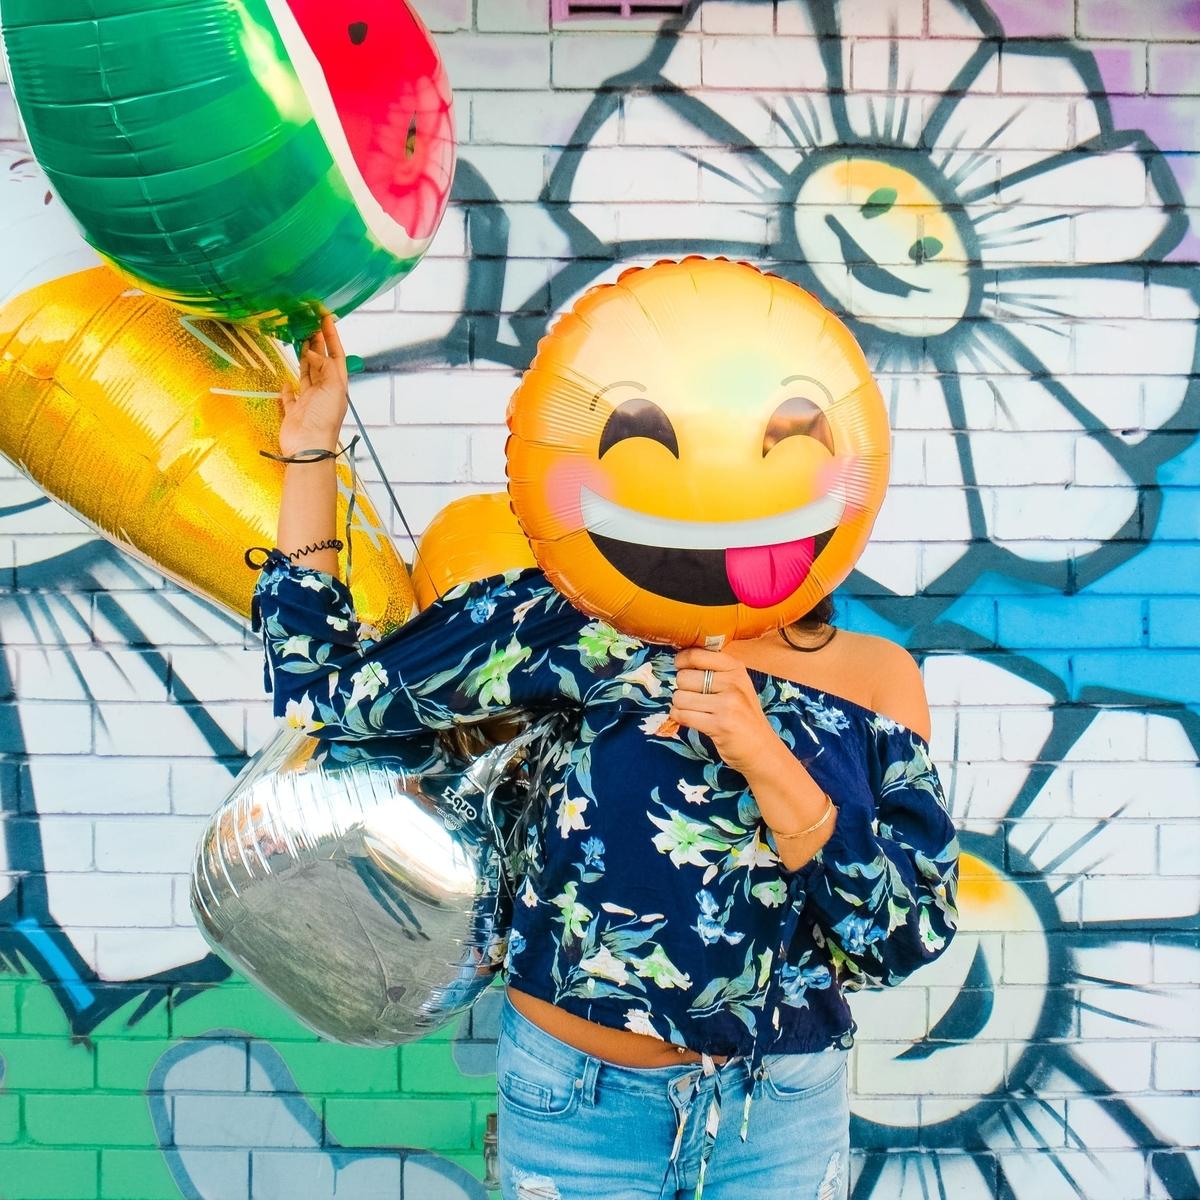 風船を顔に見せかけて遊ぶ人